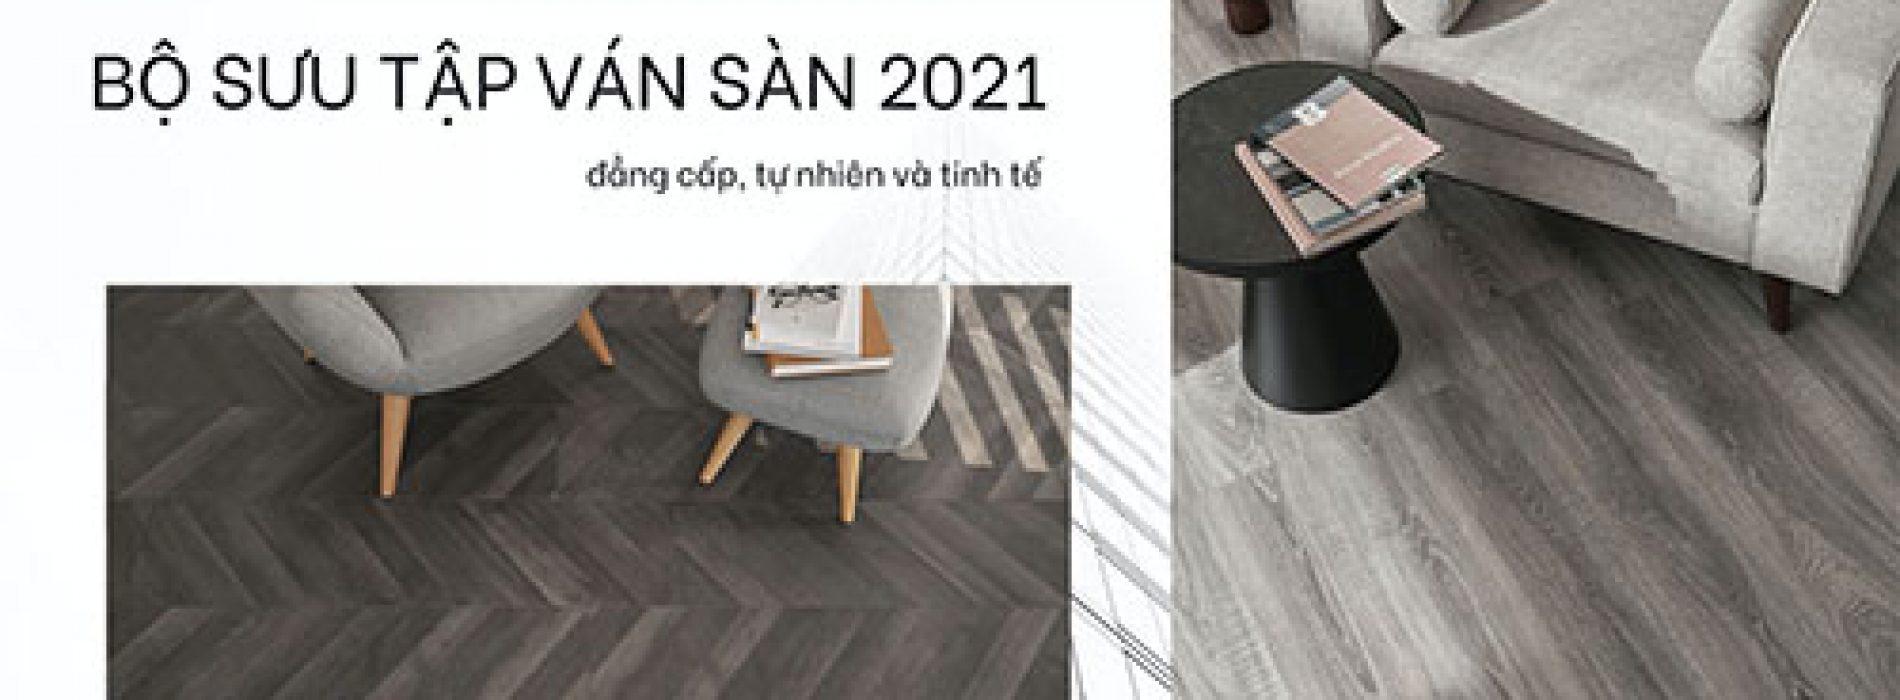 AN CƯỜNG – BỘ SƯU TẬP VÁN SÀN 2021